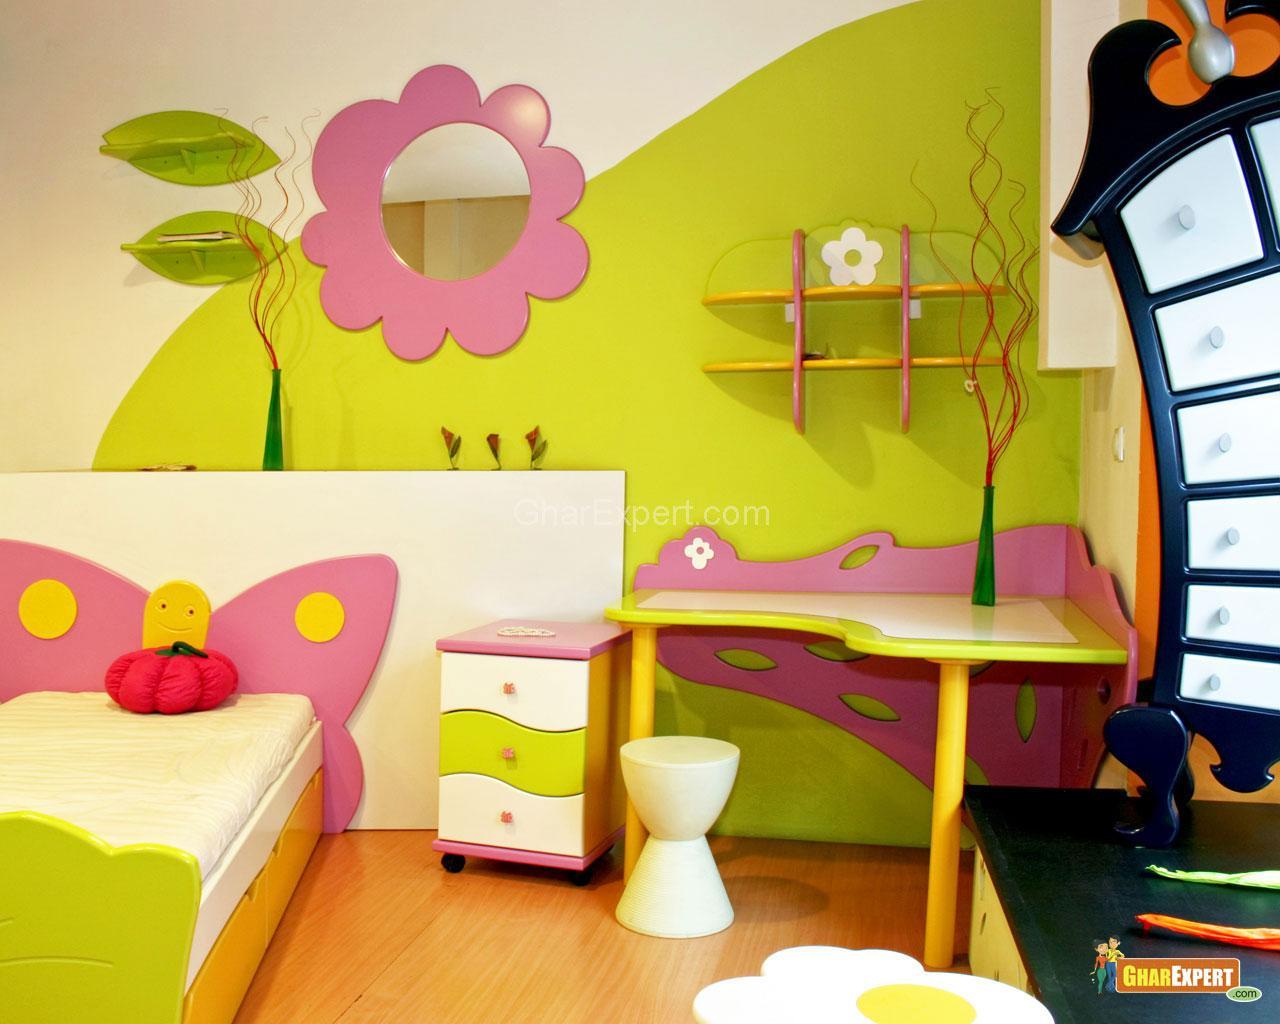 新房屋装修效果图 现代欧式简约室内客厅厨房 室内装修设计效果